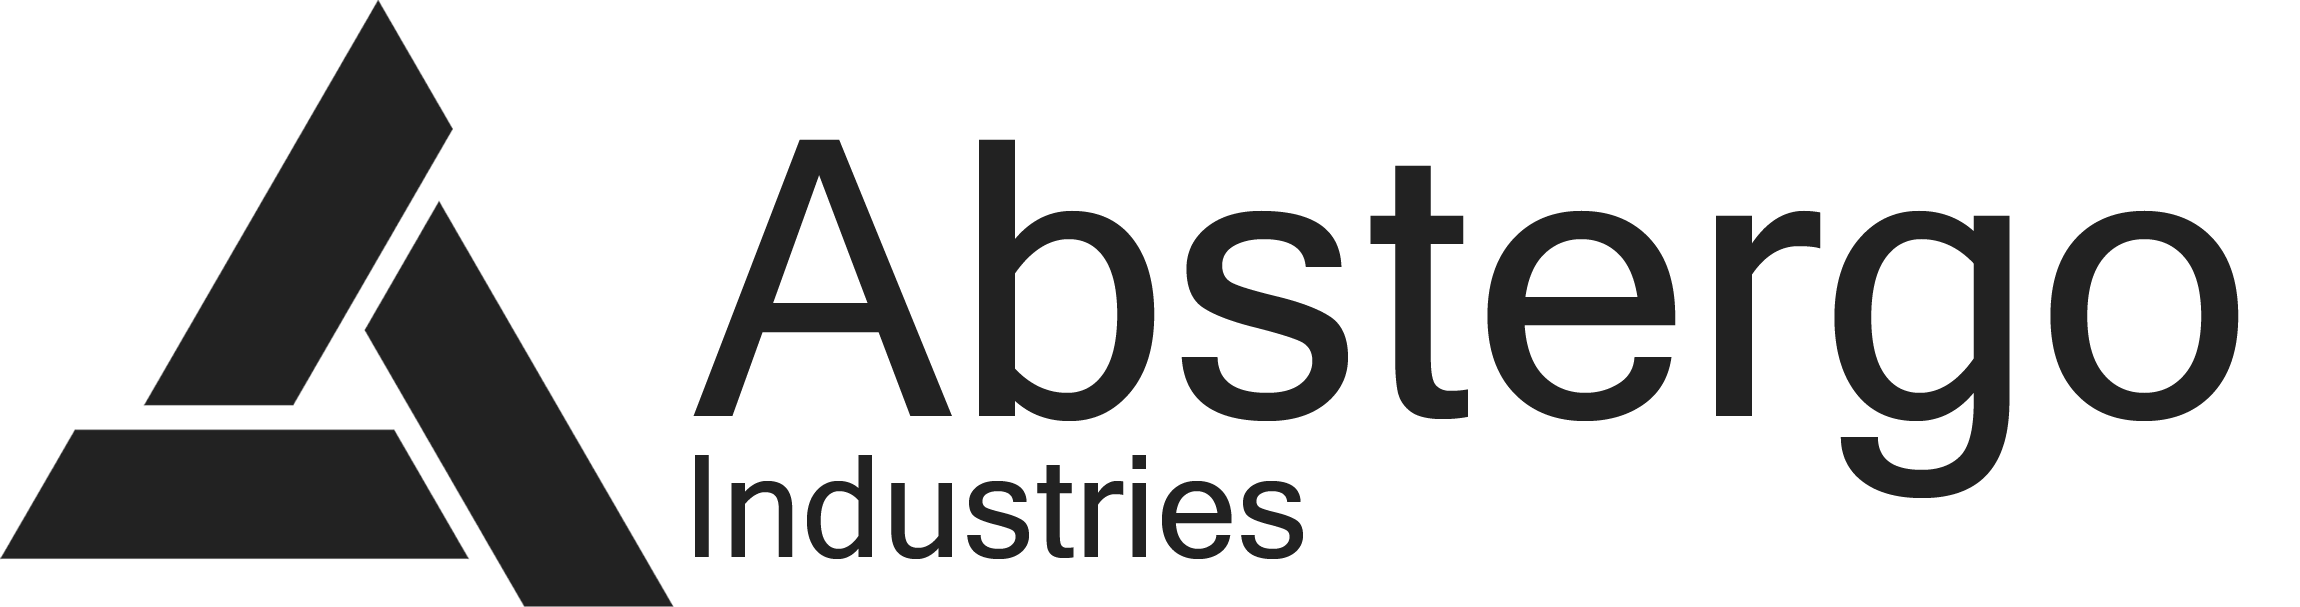 Abstergo Industries Logo by Vesferatu on DeviantArt